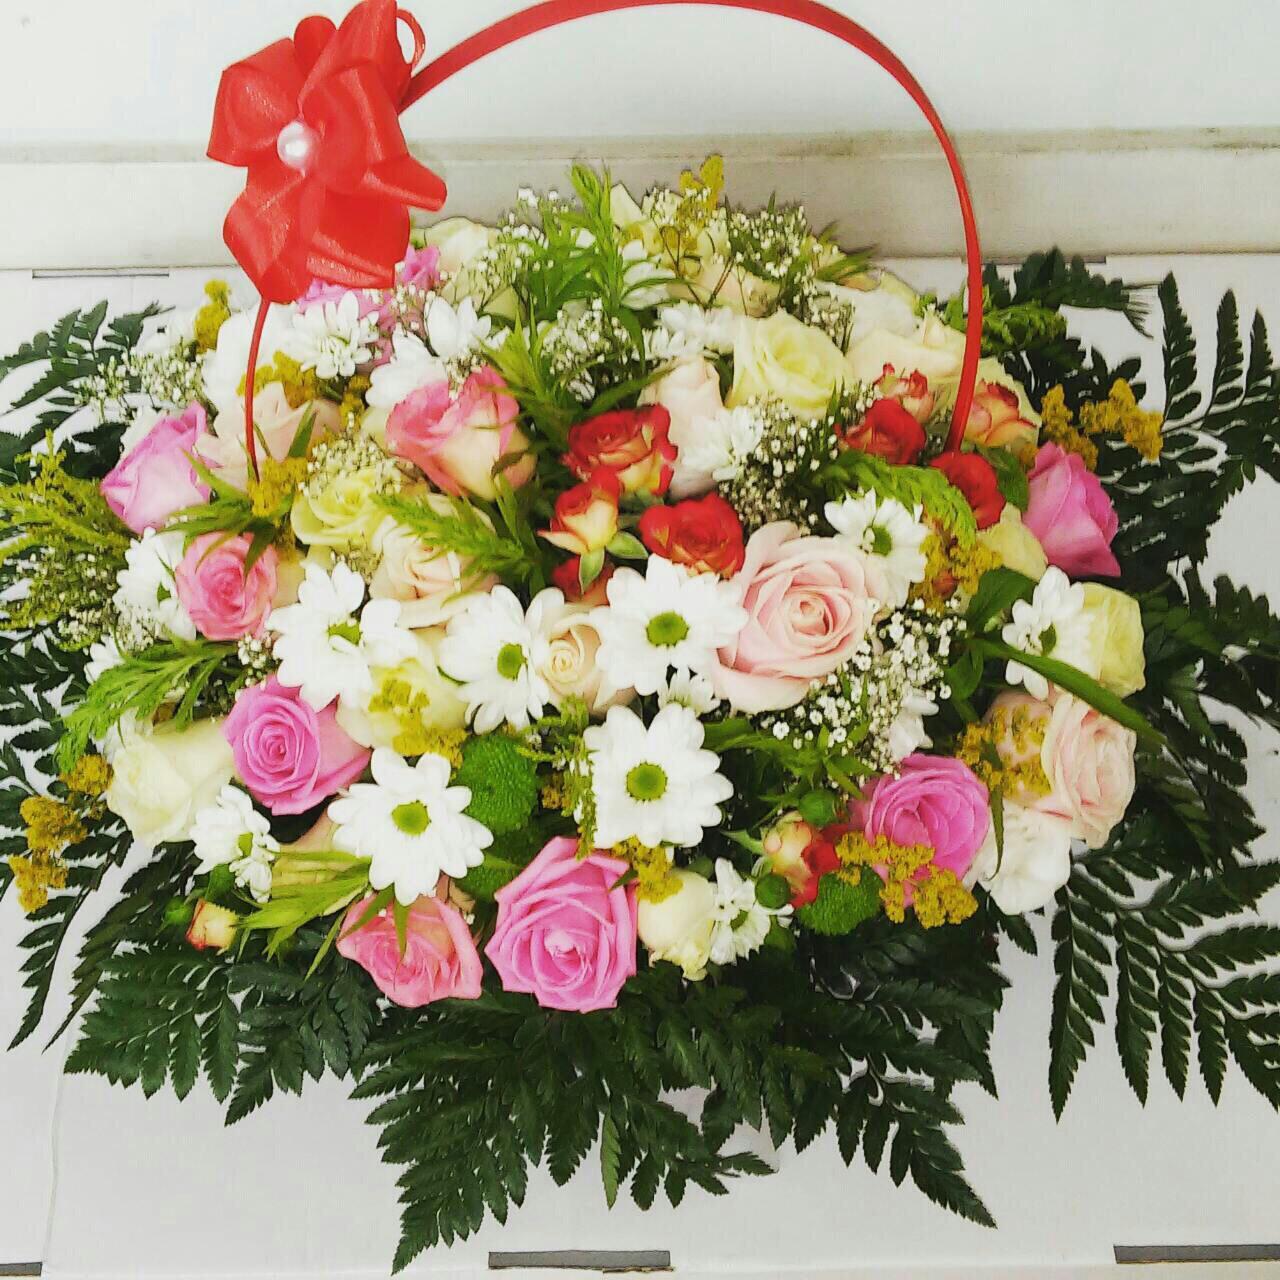 Доставка, цветы и подарки с доставкой минск круглосуточно